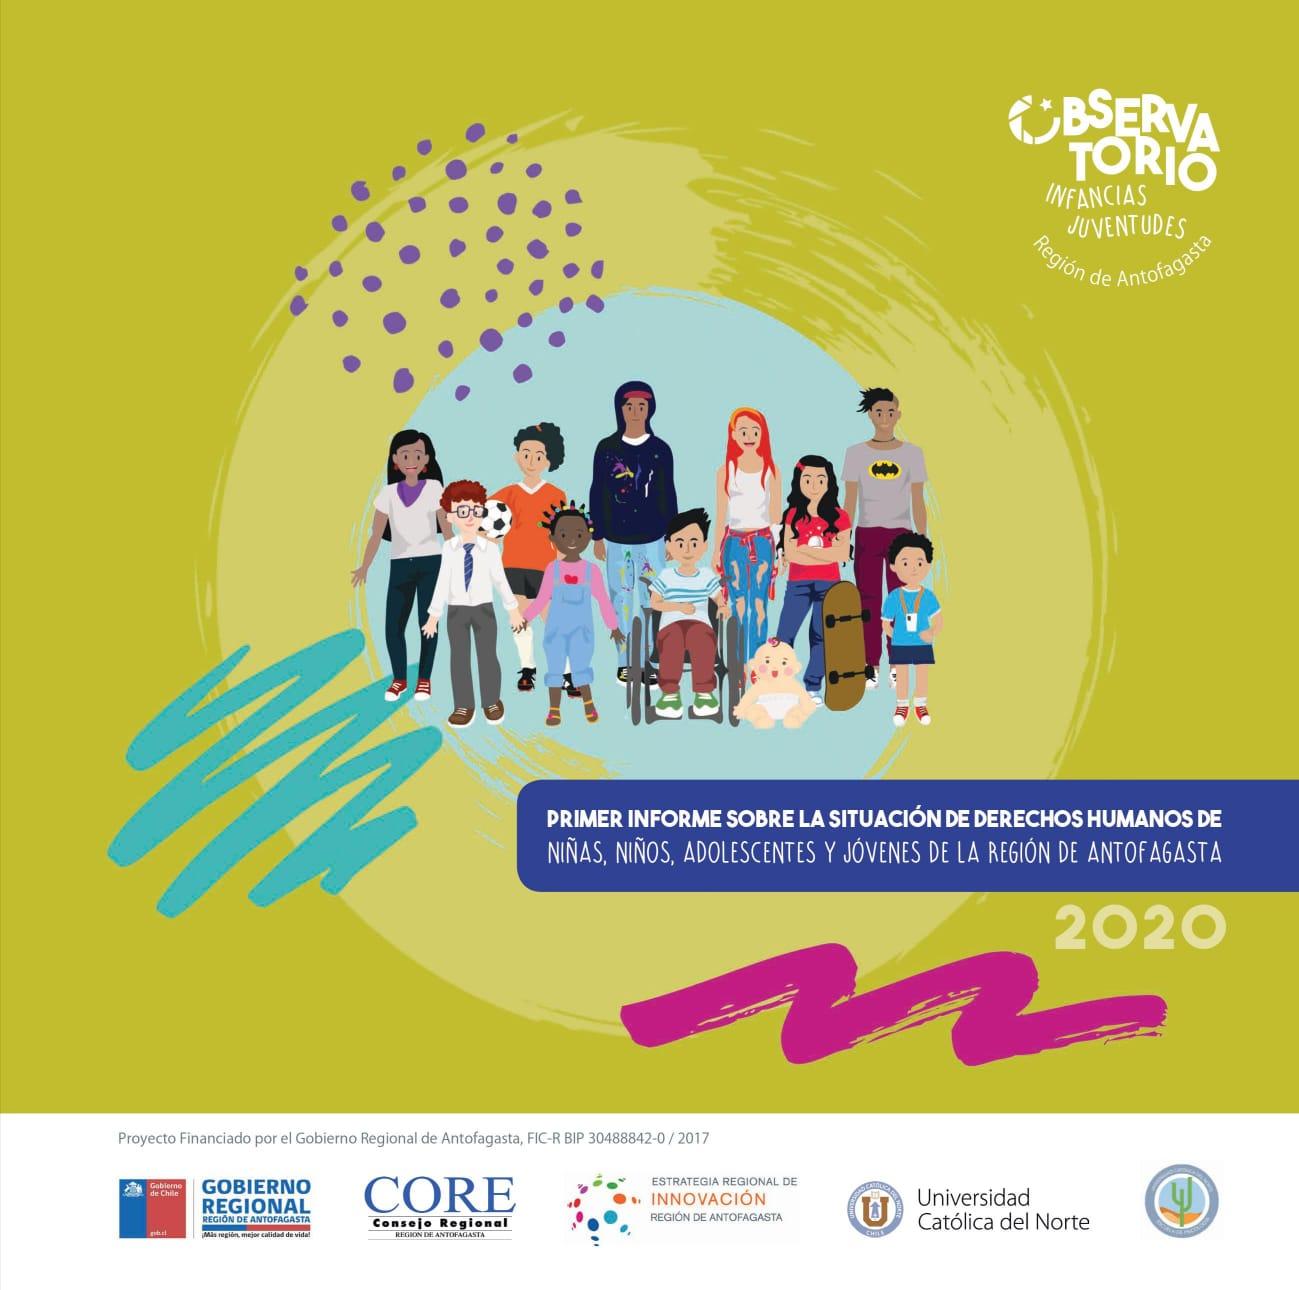 Preocupante informe sobre DD. HH. de niñas, niños, adolescentes y jóvenes de Antofagasta